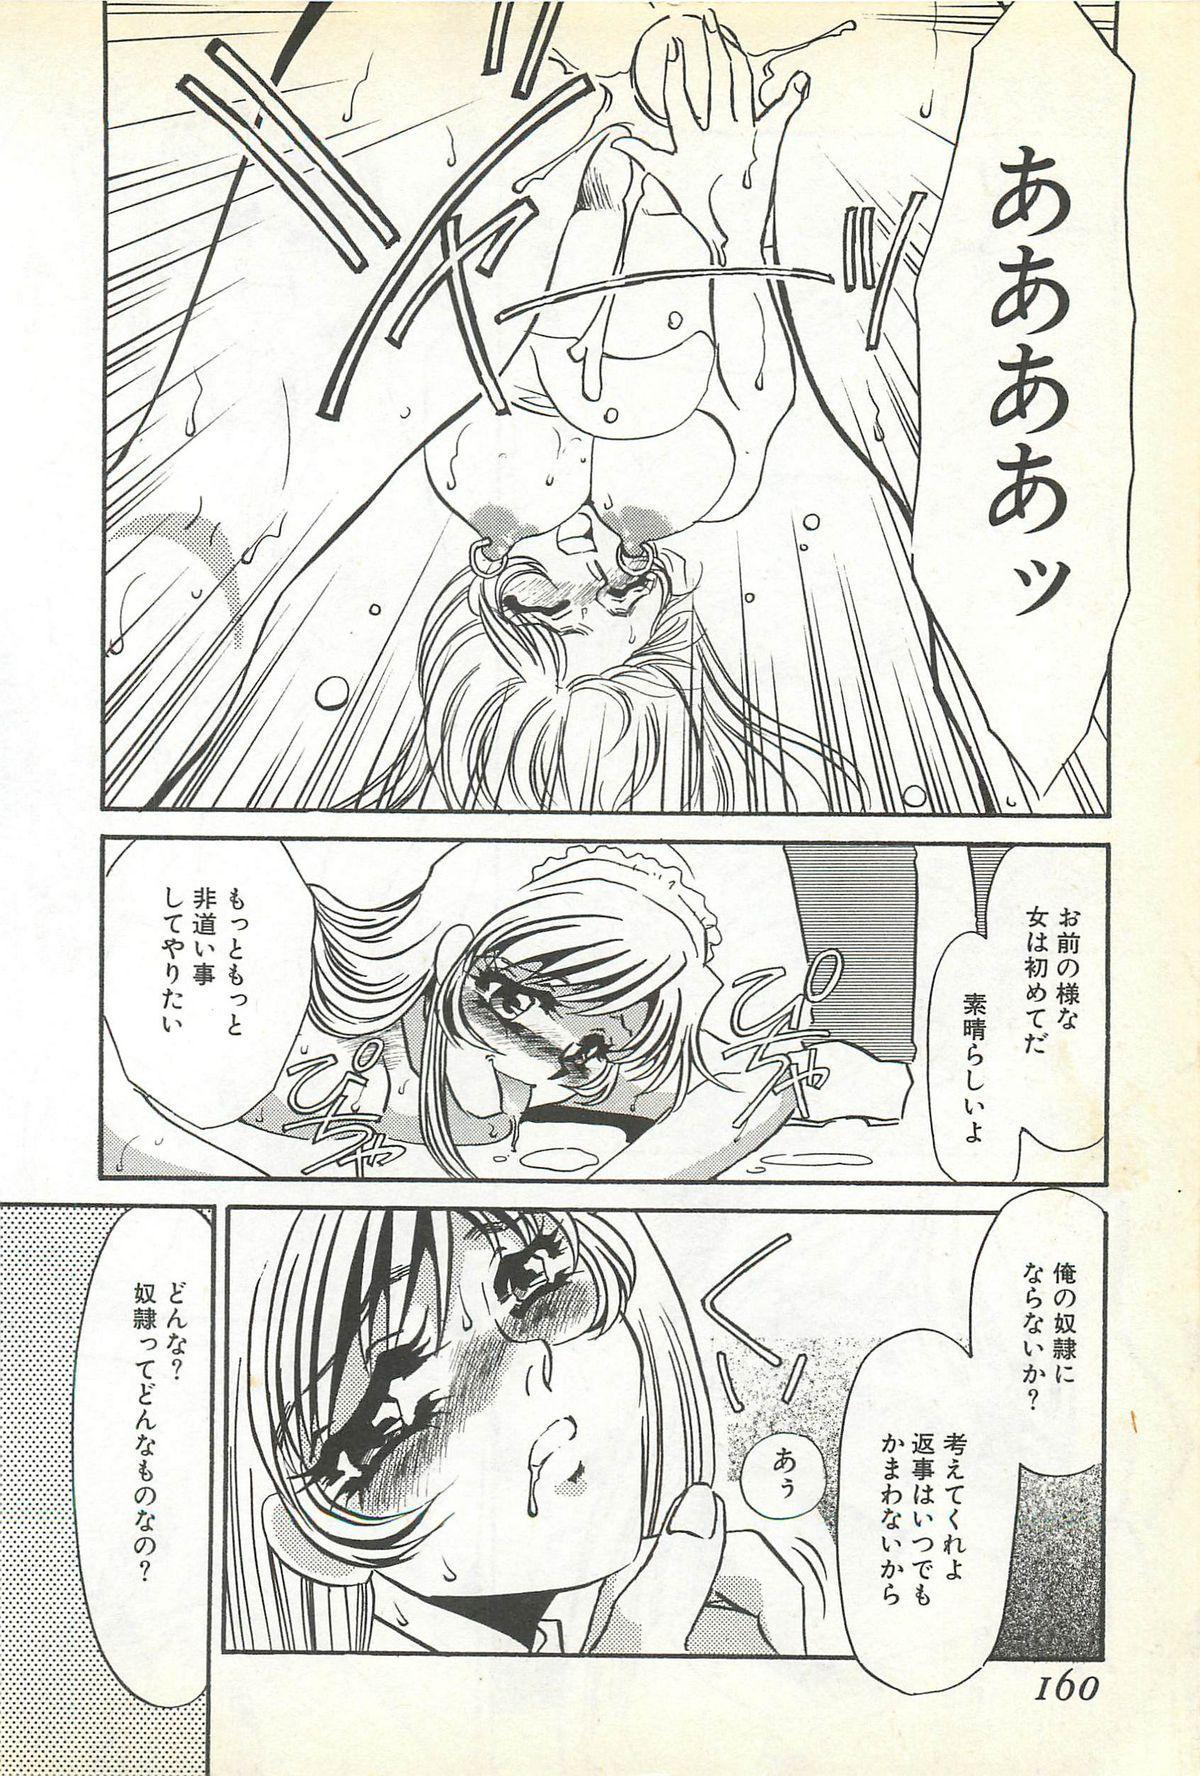 Chigyaku no Heya - A Shameful Punishment Room 155